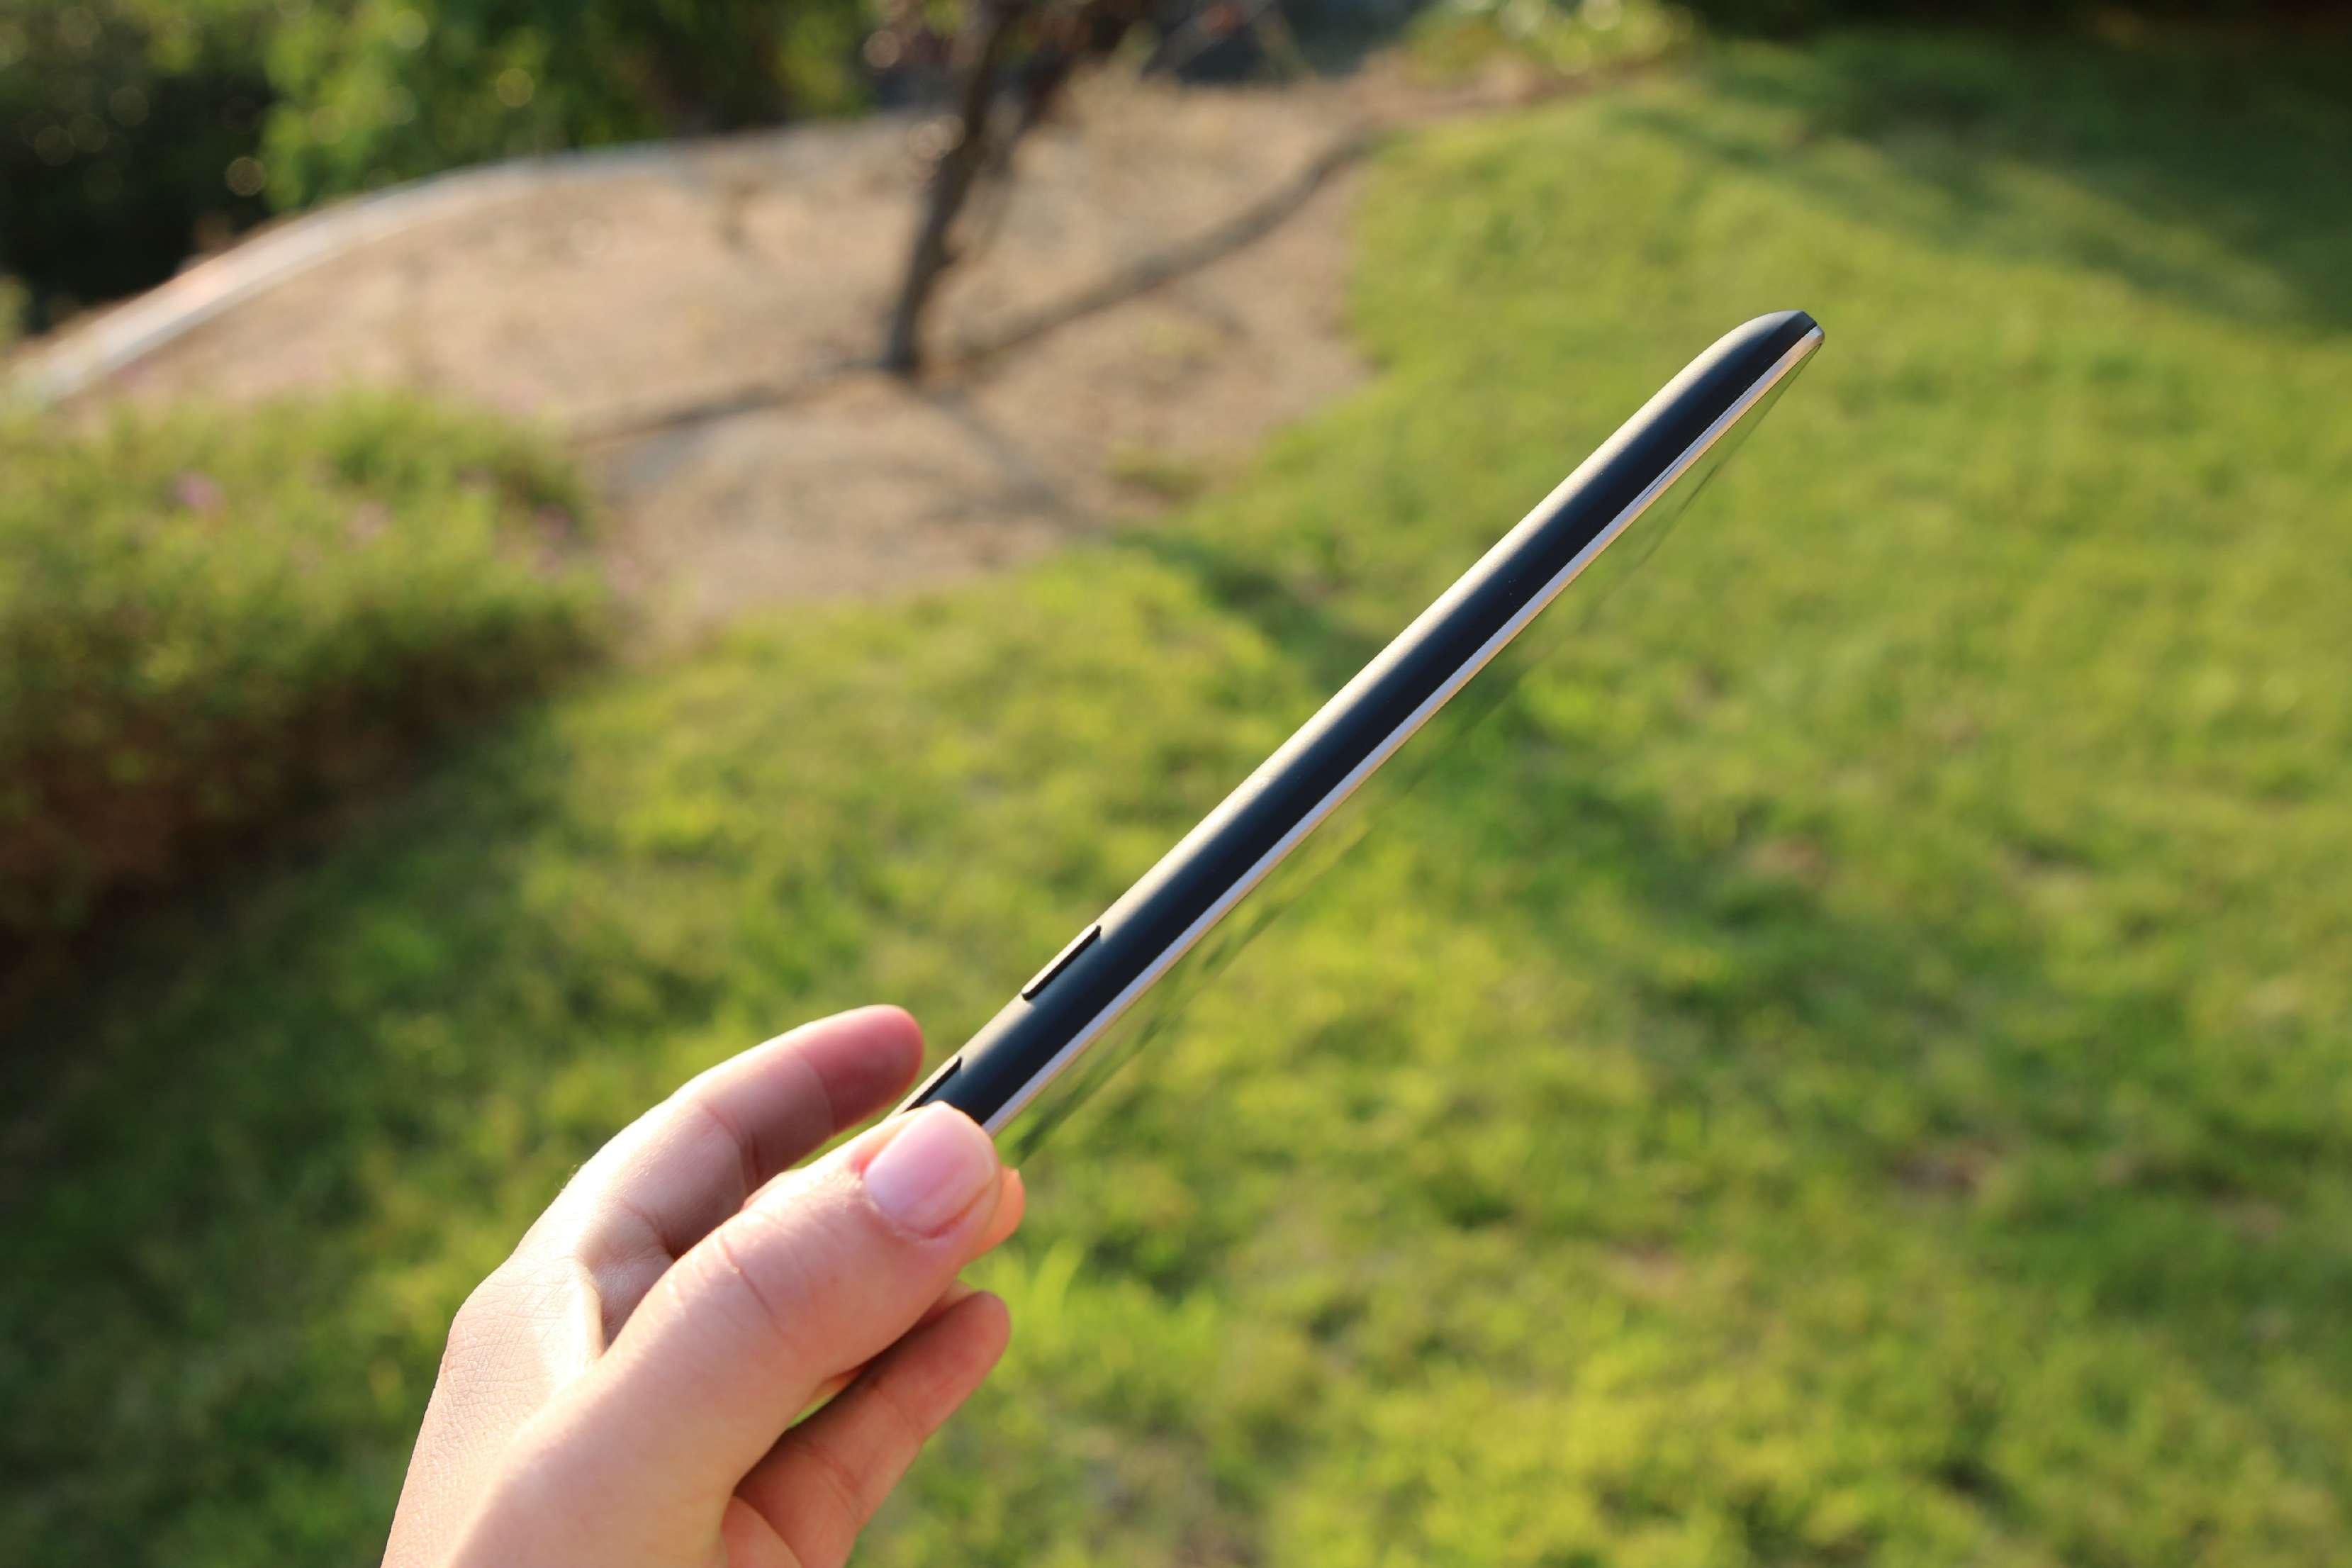 MeMO Pad 7 LTE thin